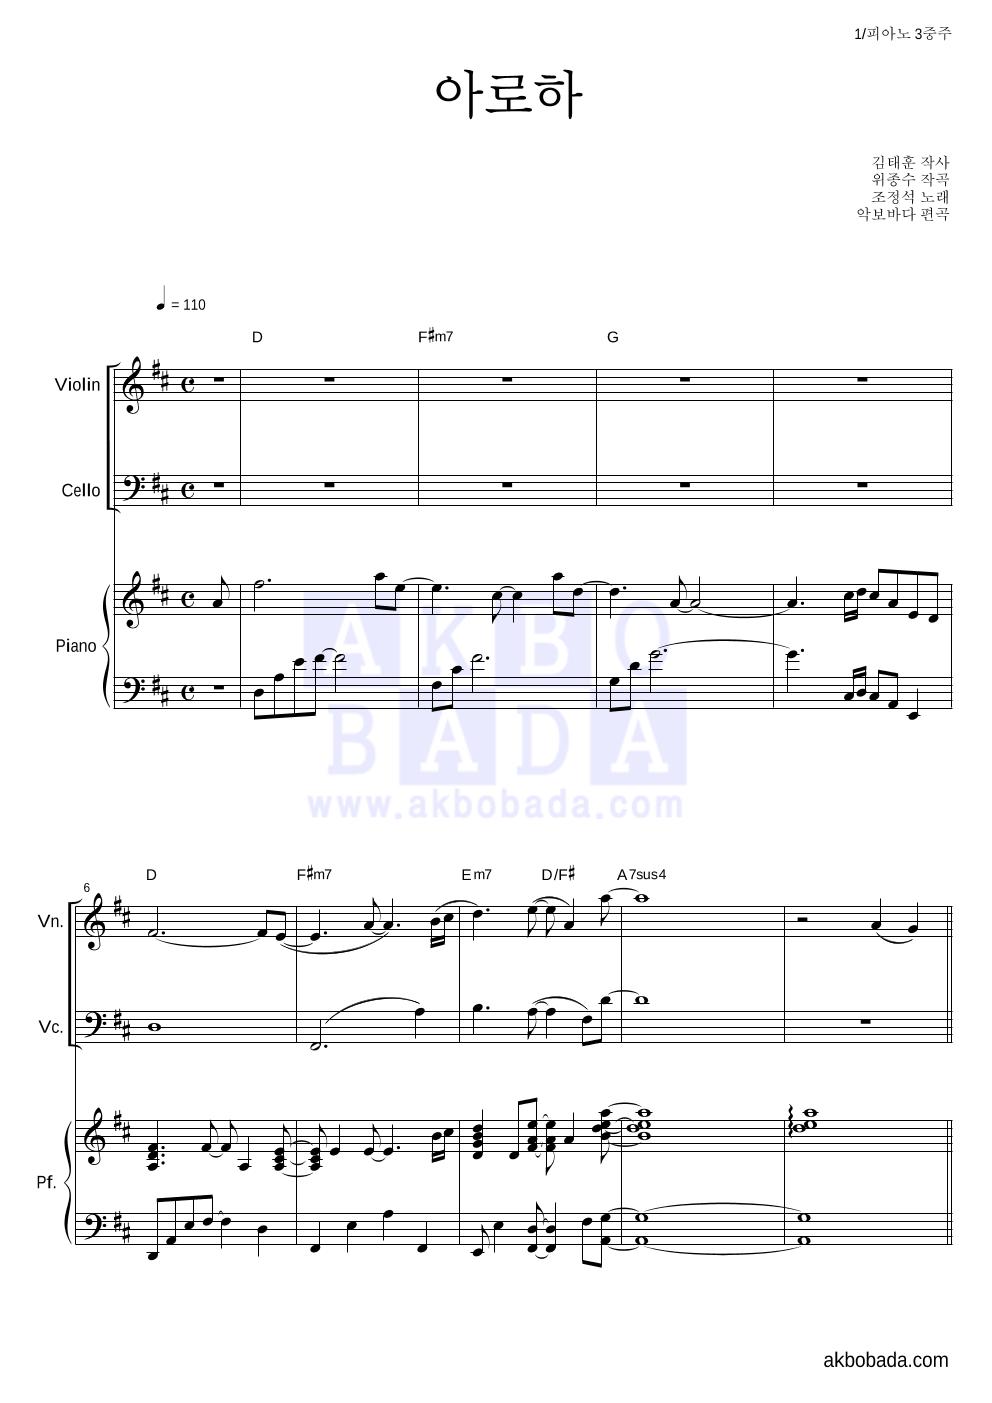 조정석 - 아로하 피아노3중주 악보